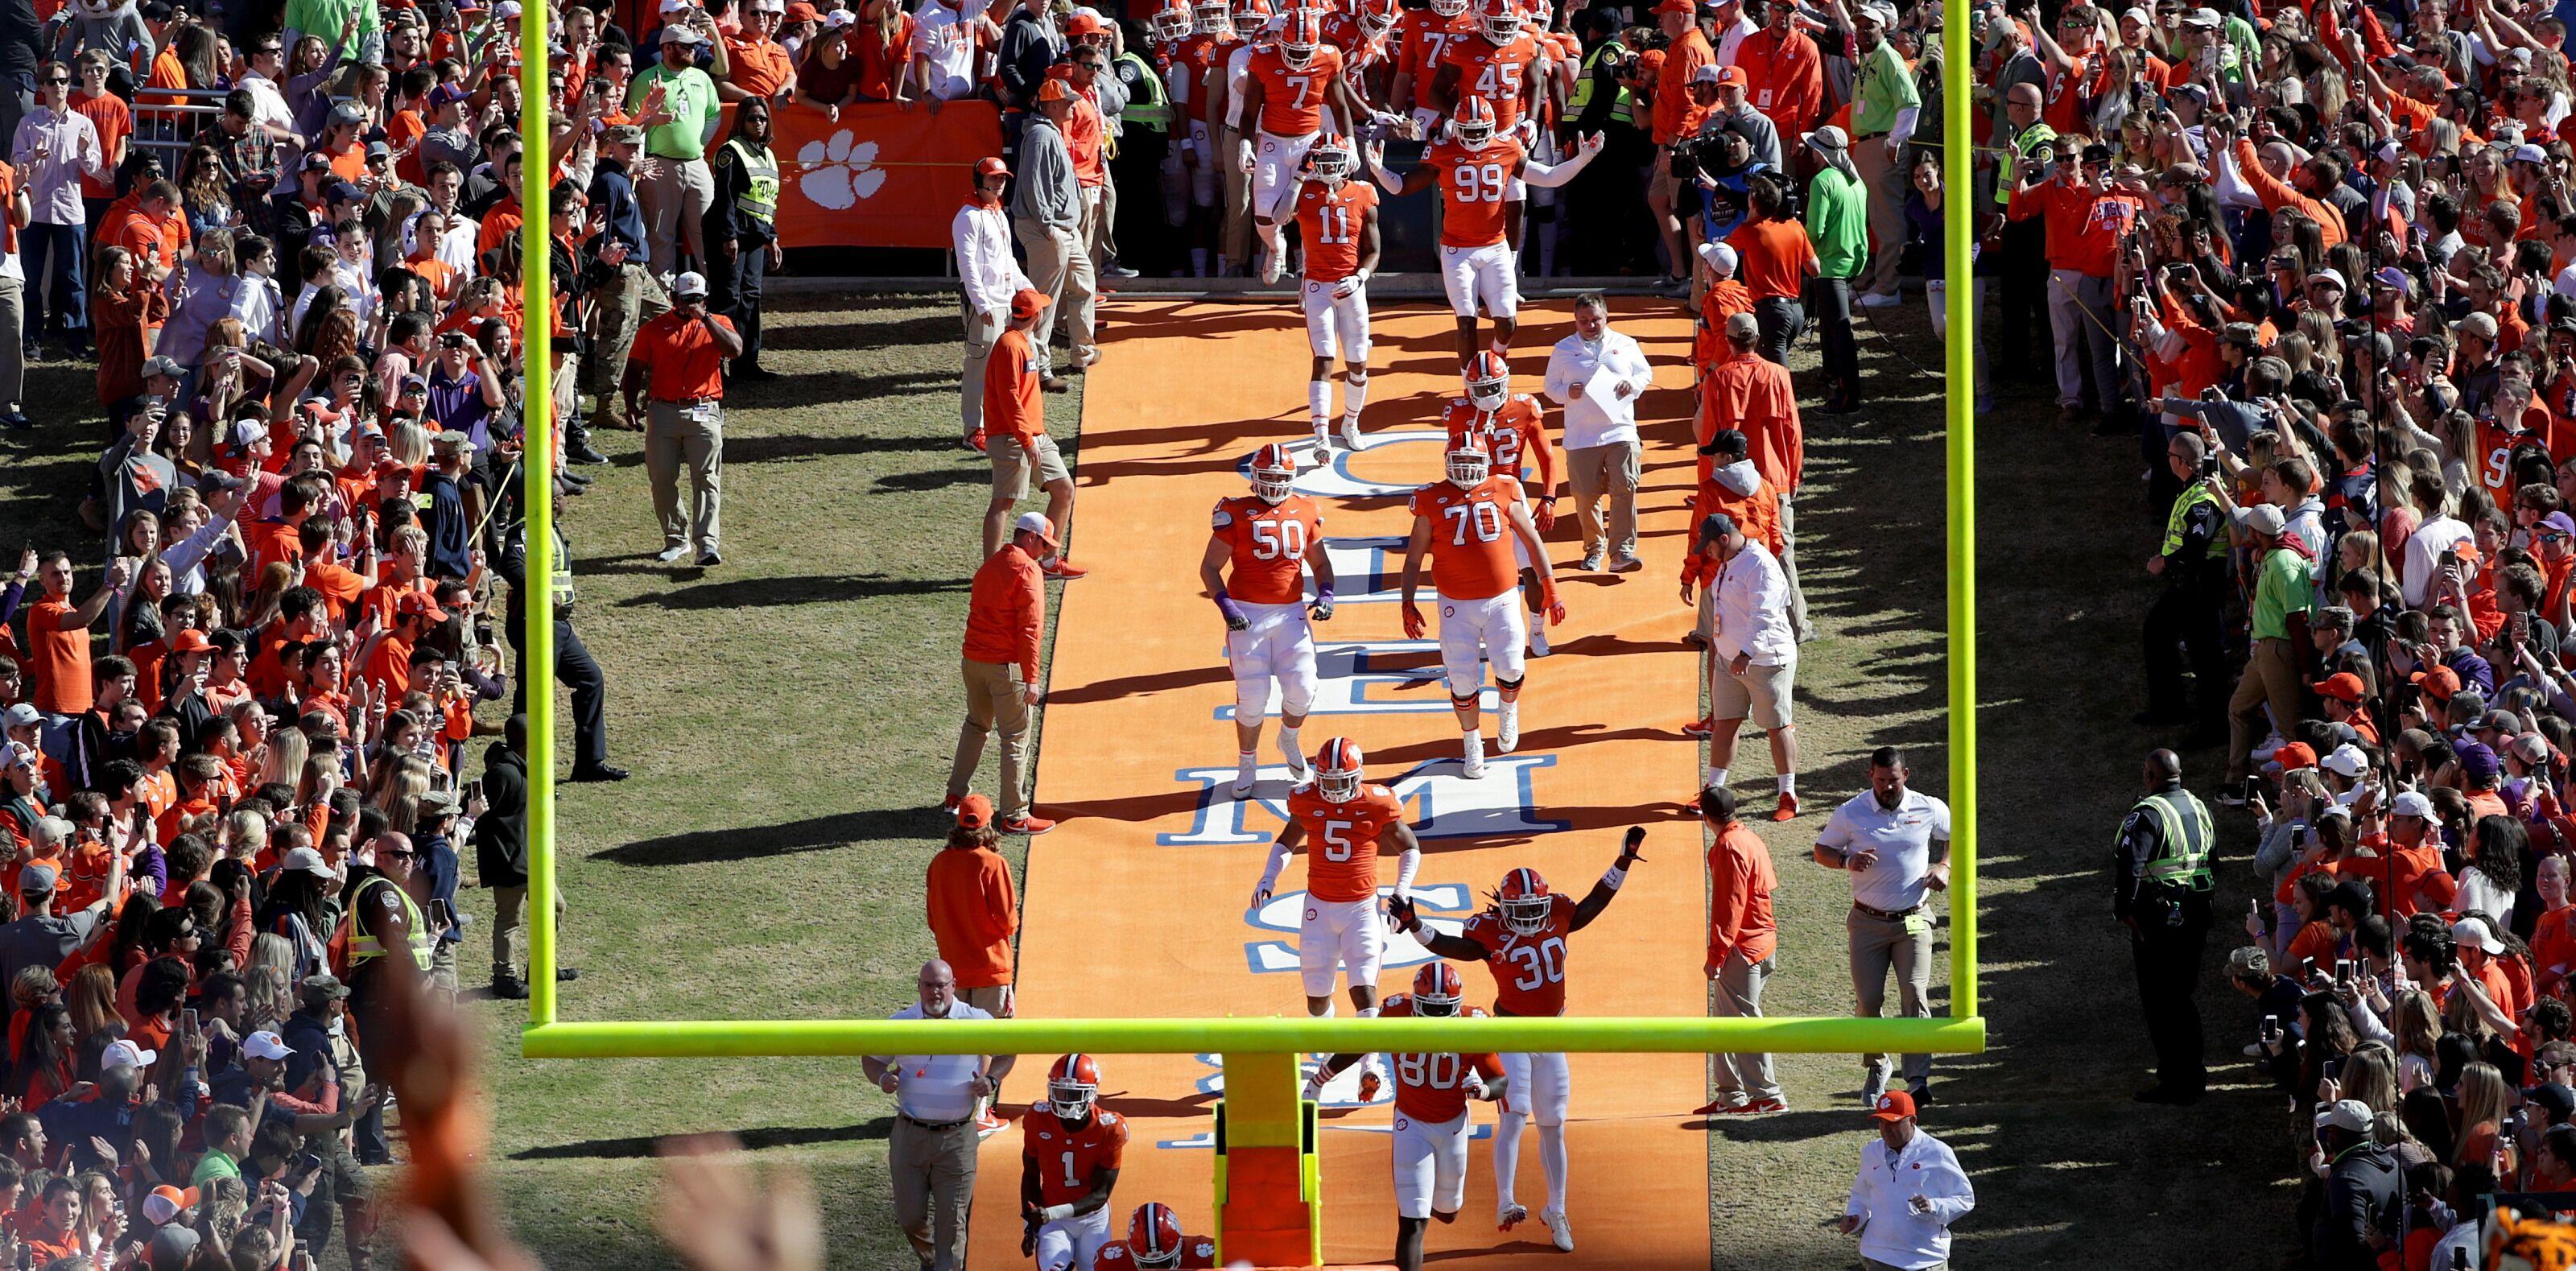 Clemson Football: Game Announcers, TV Info, Start Time vs. Duke